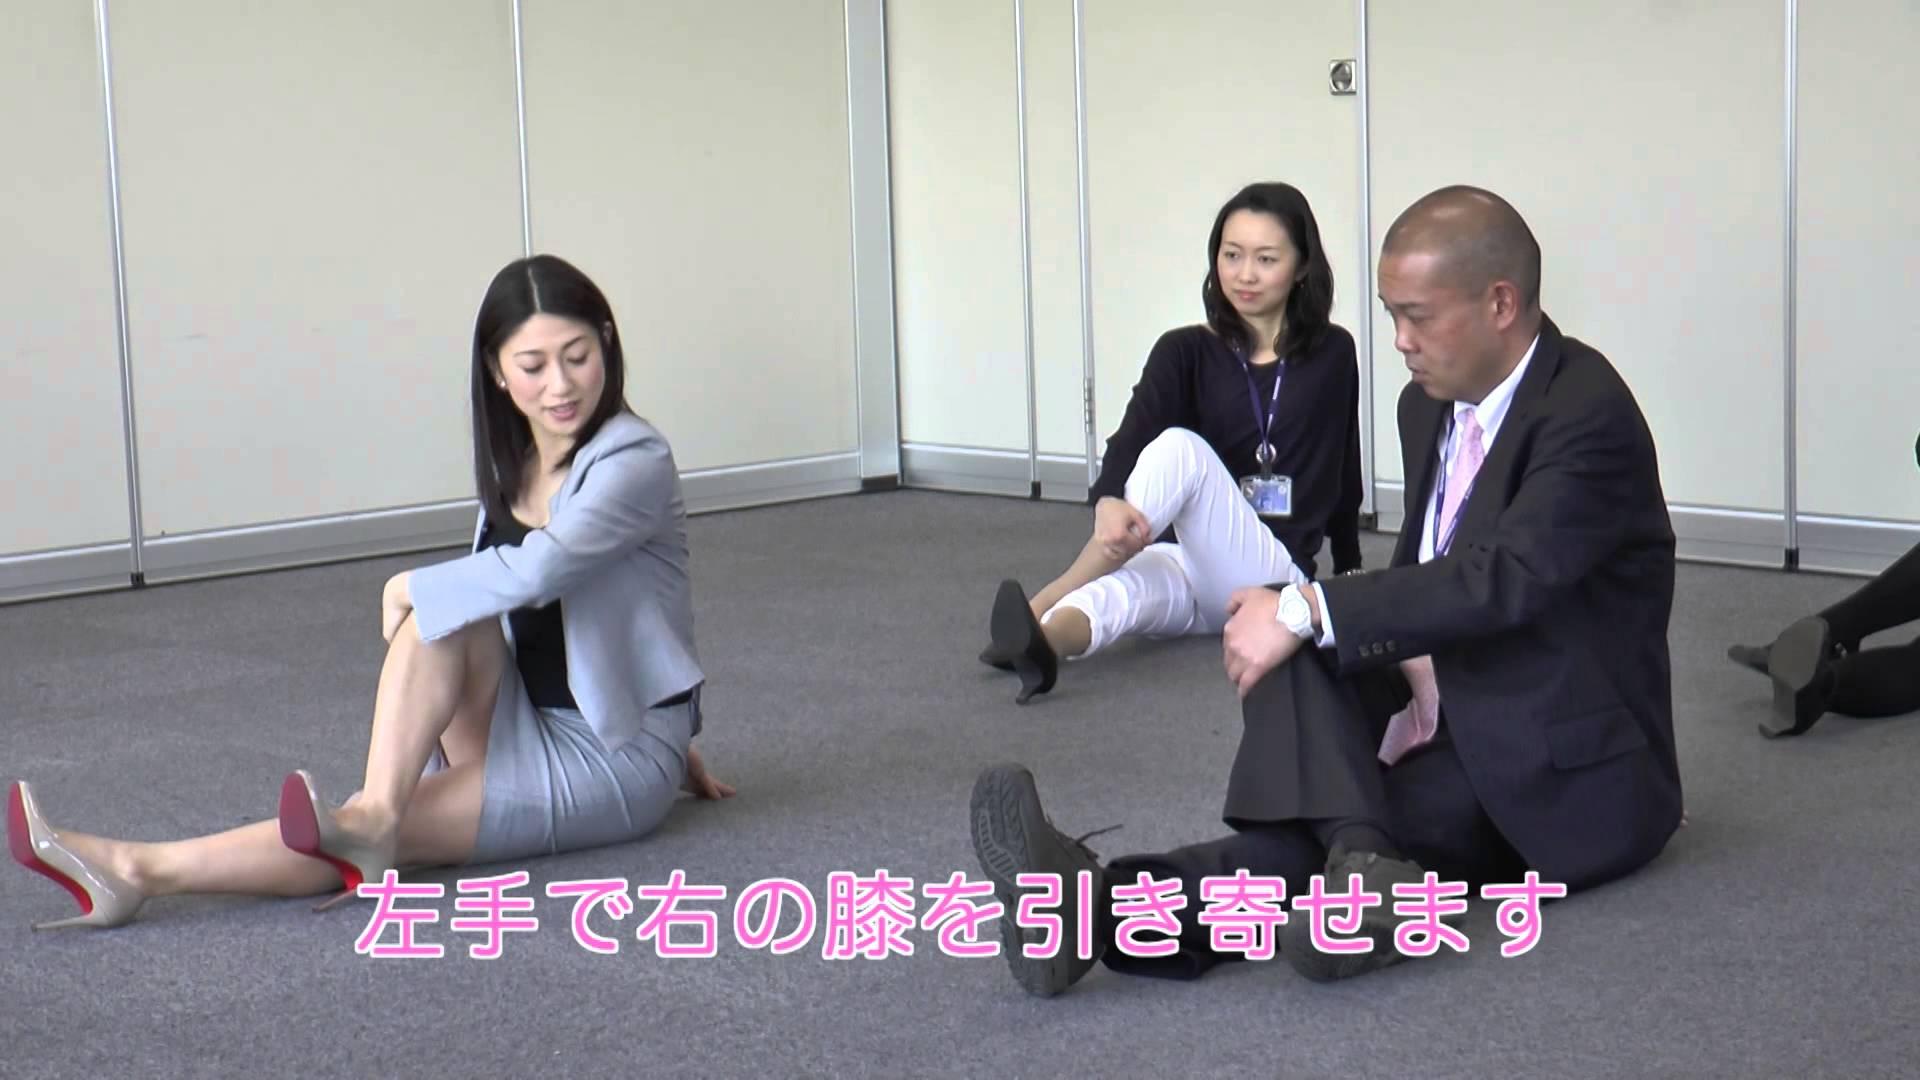 かつもとあきのスローストレッチ動画!